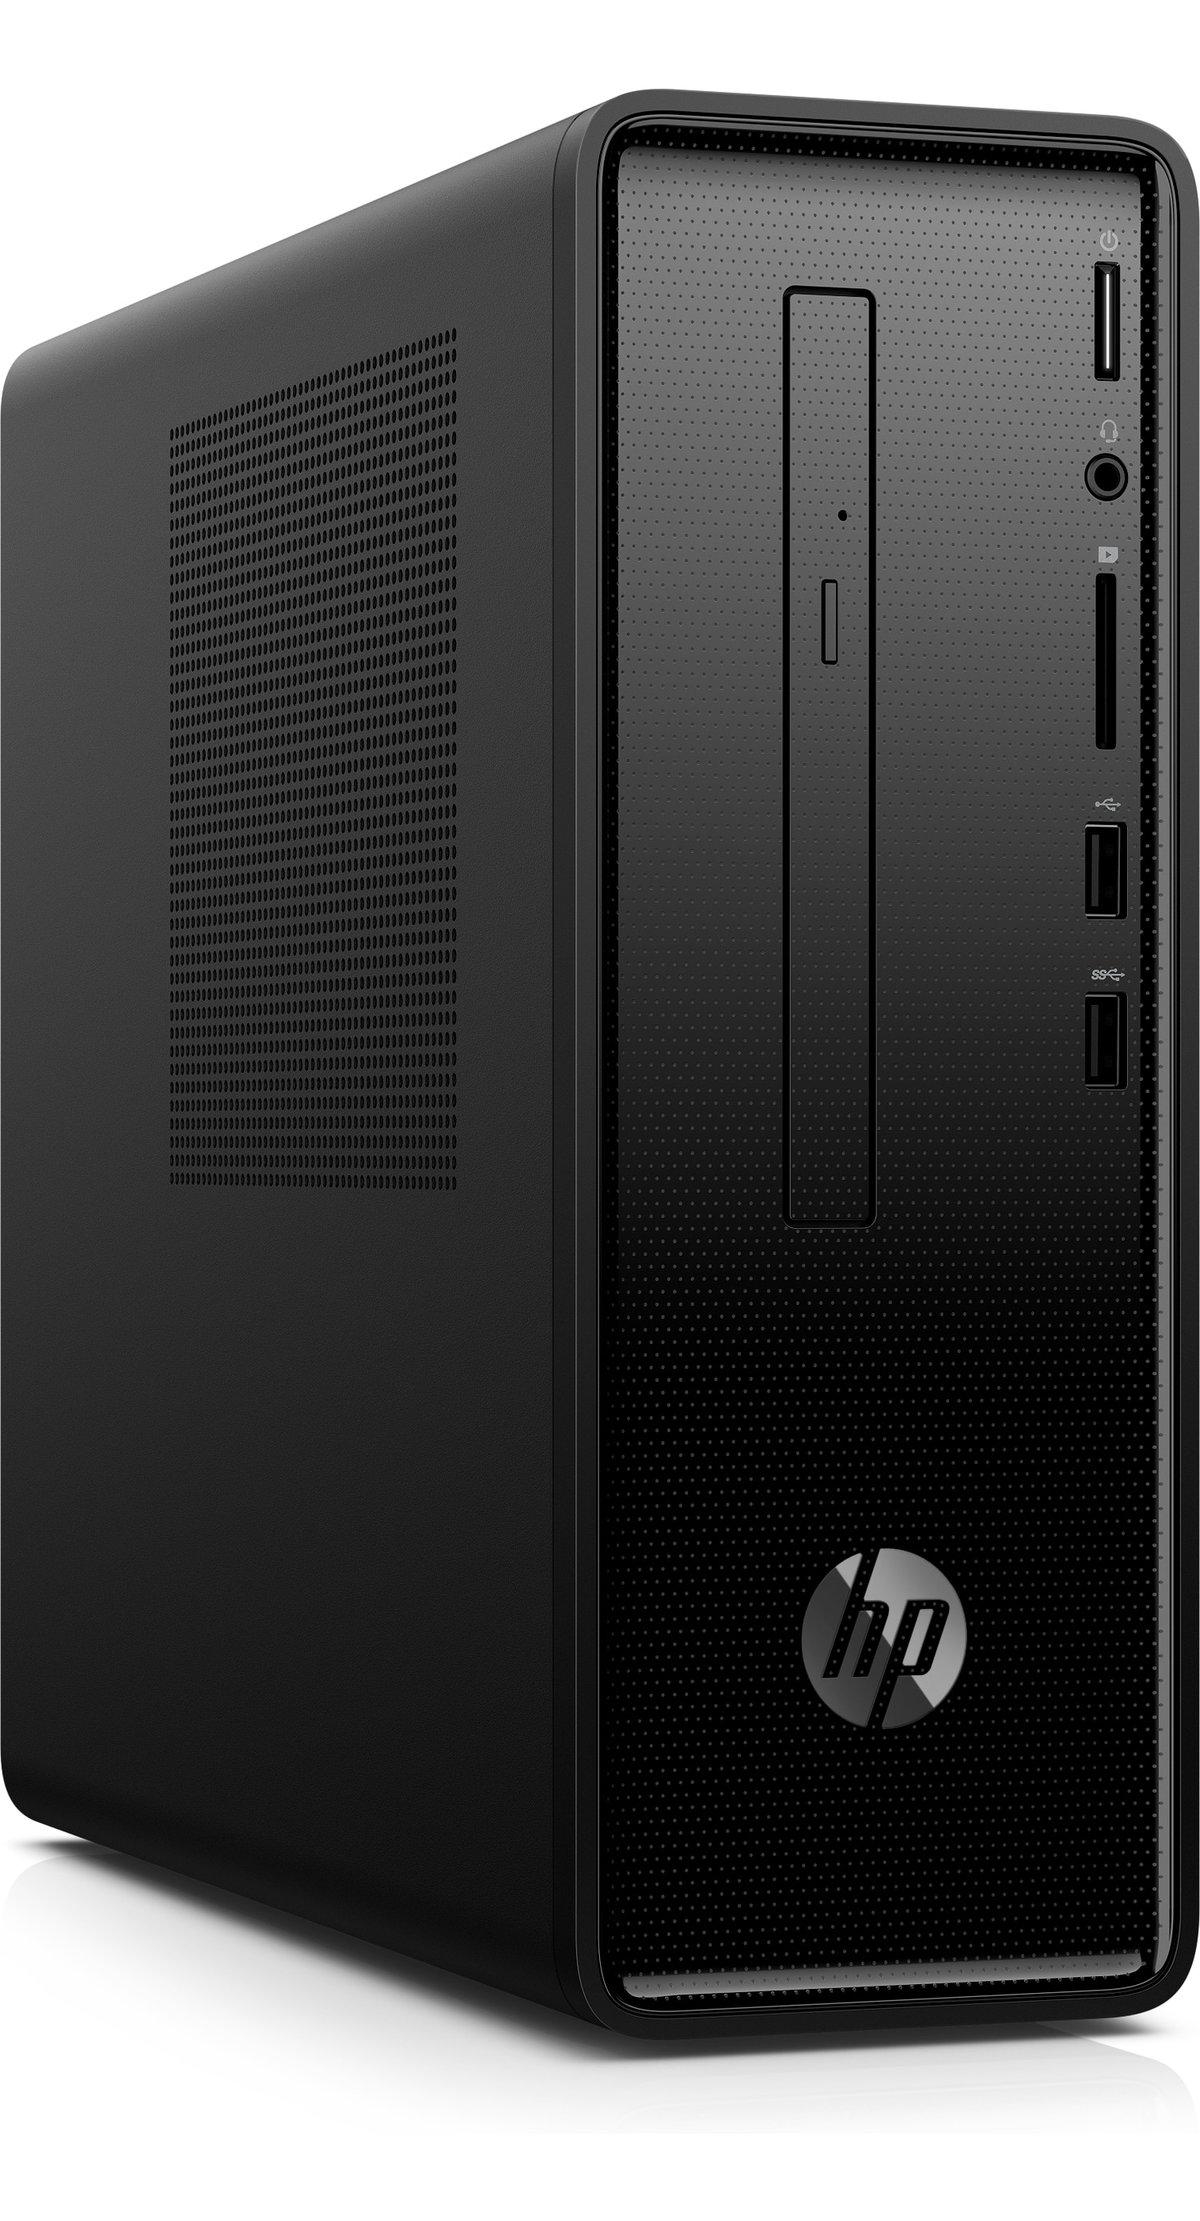 slide 3 of 7,show larger image, hp slimline desktop - 290-p0043w